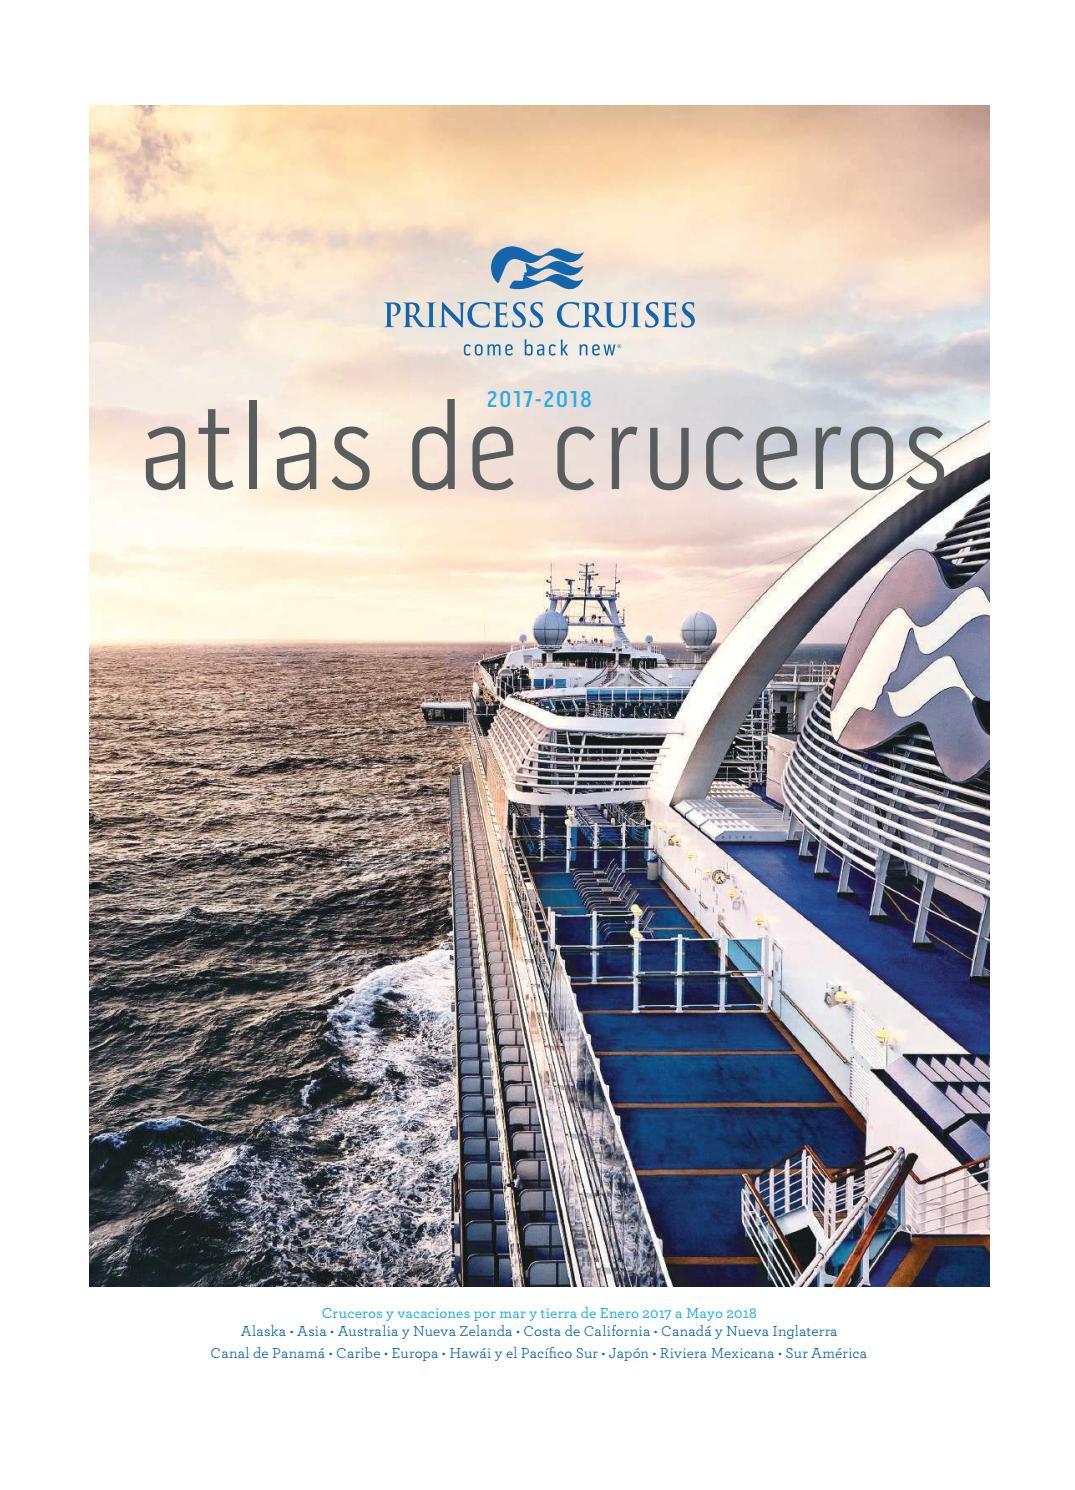 Atlas de Cruceros 2017/2018 Princess Cruises by Fer Goico - issuu